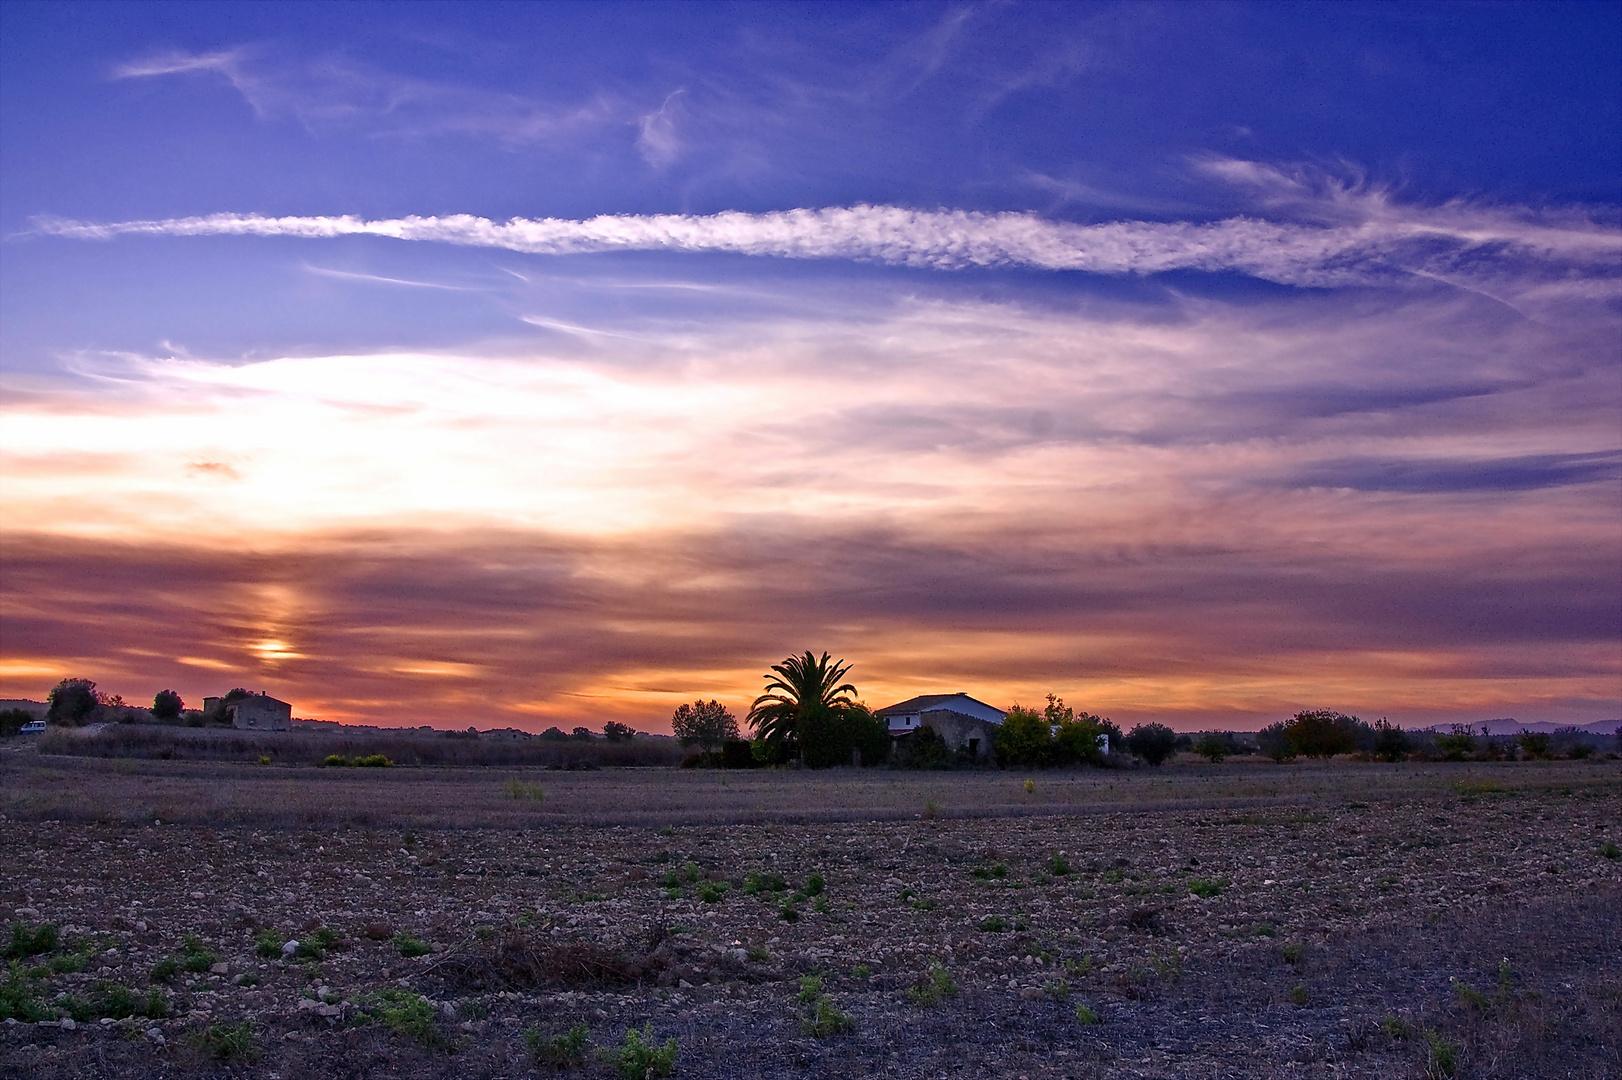 Atardecer rural (DEDICADA A AMADO CALVO)